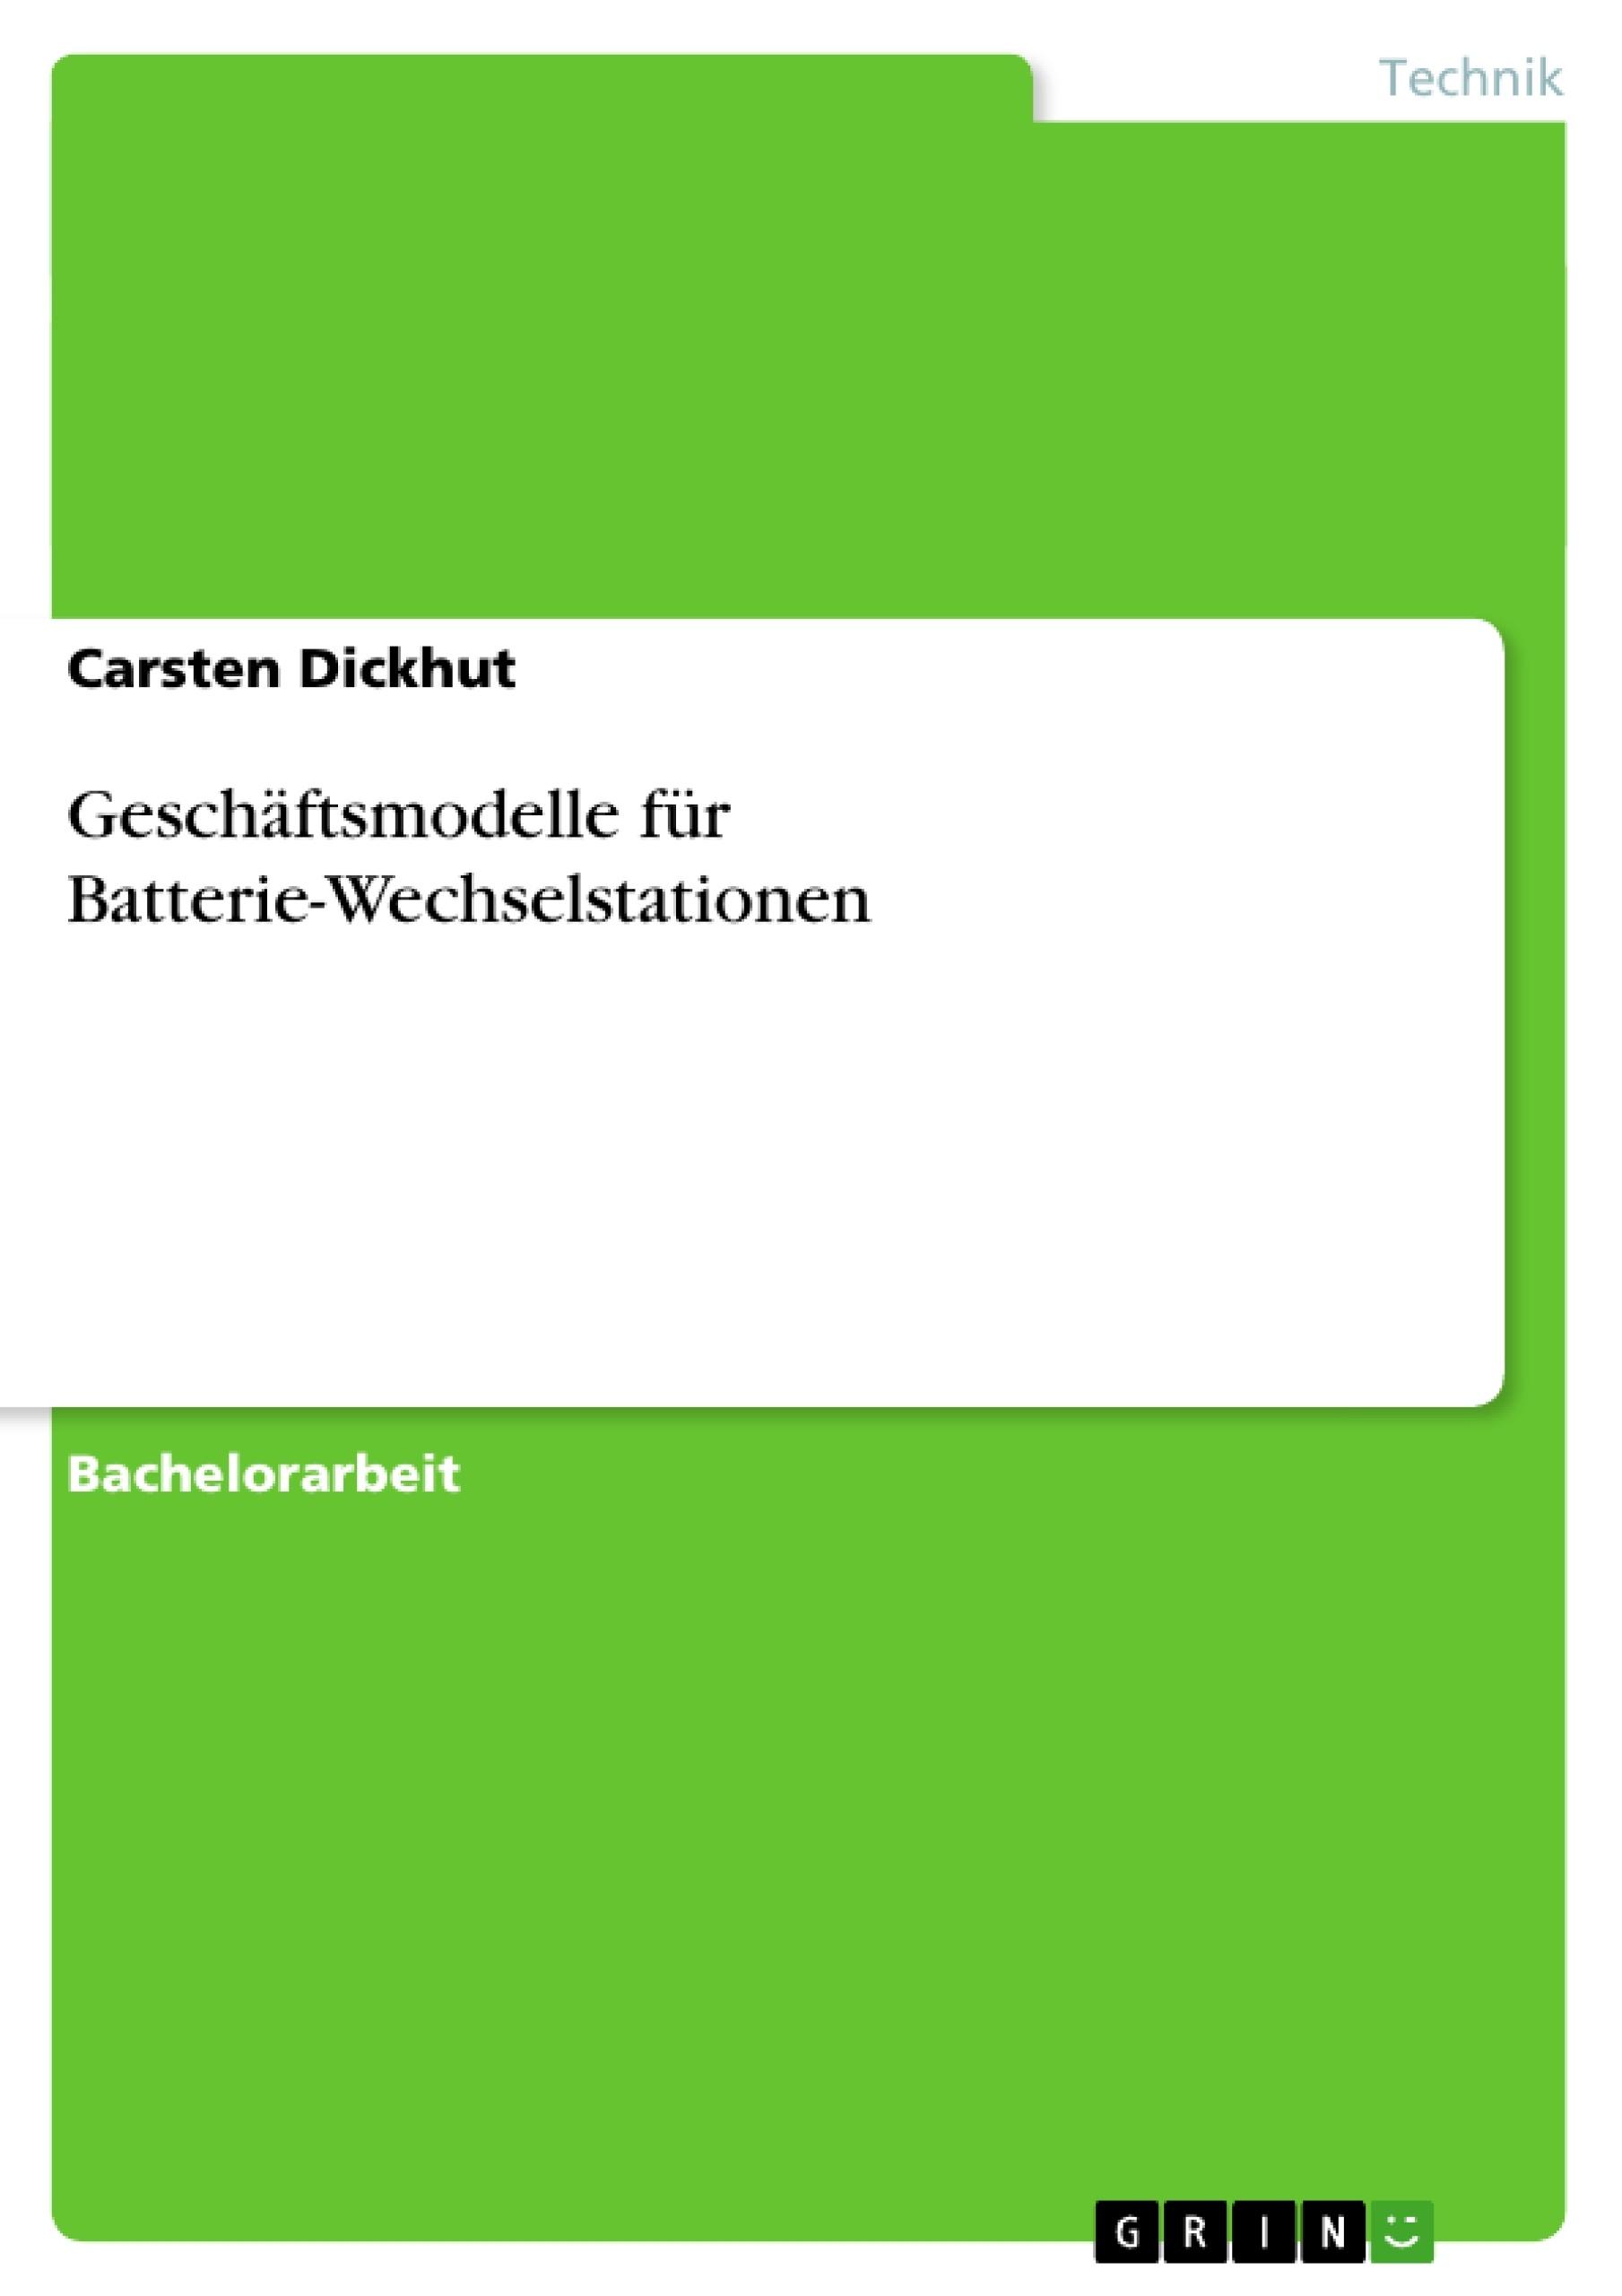 Titel: Geschäftsmodelle für Batterie-Wechselstationen